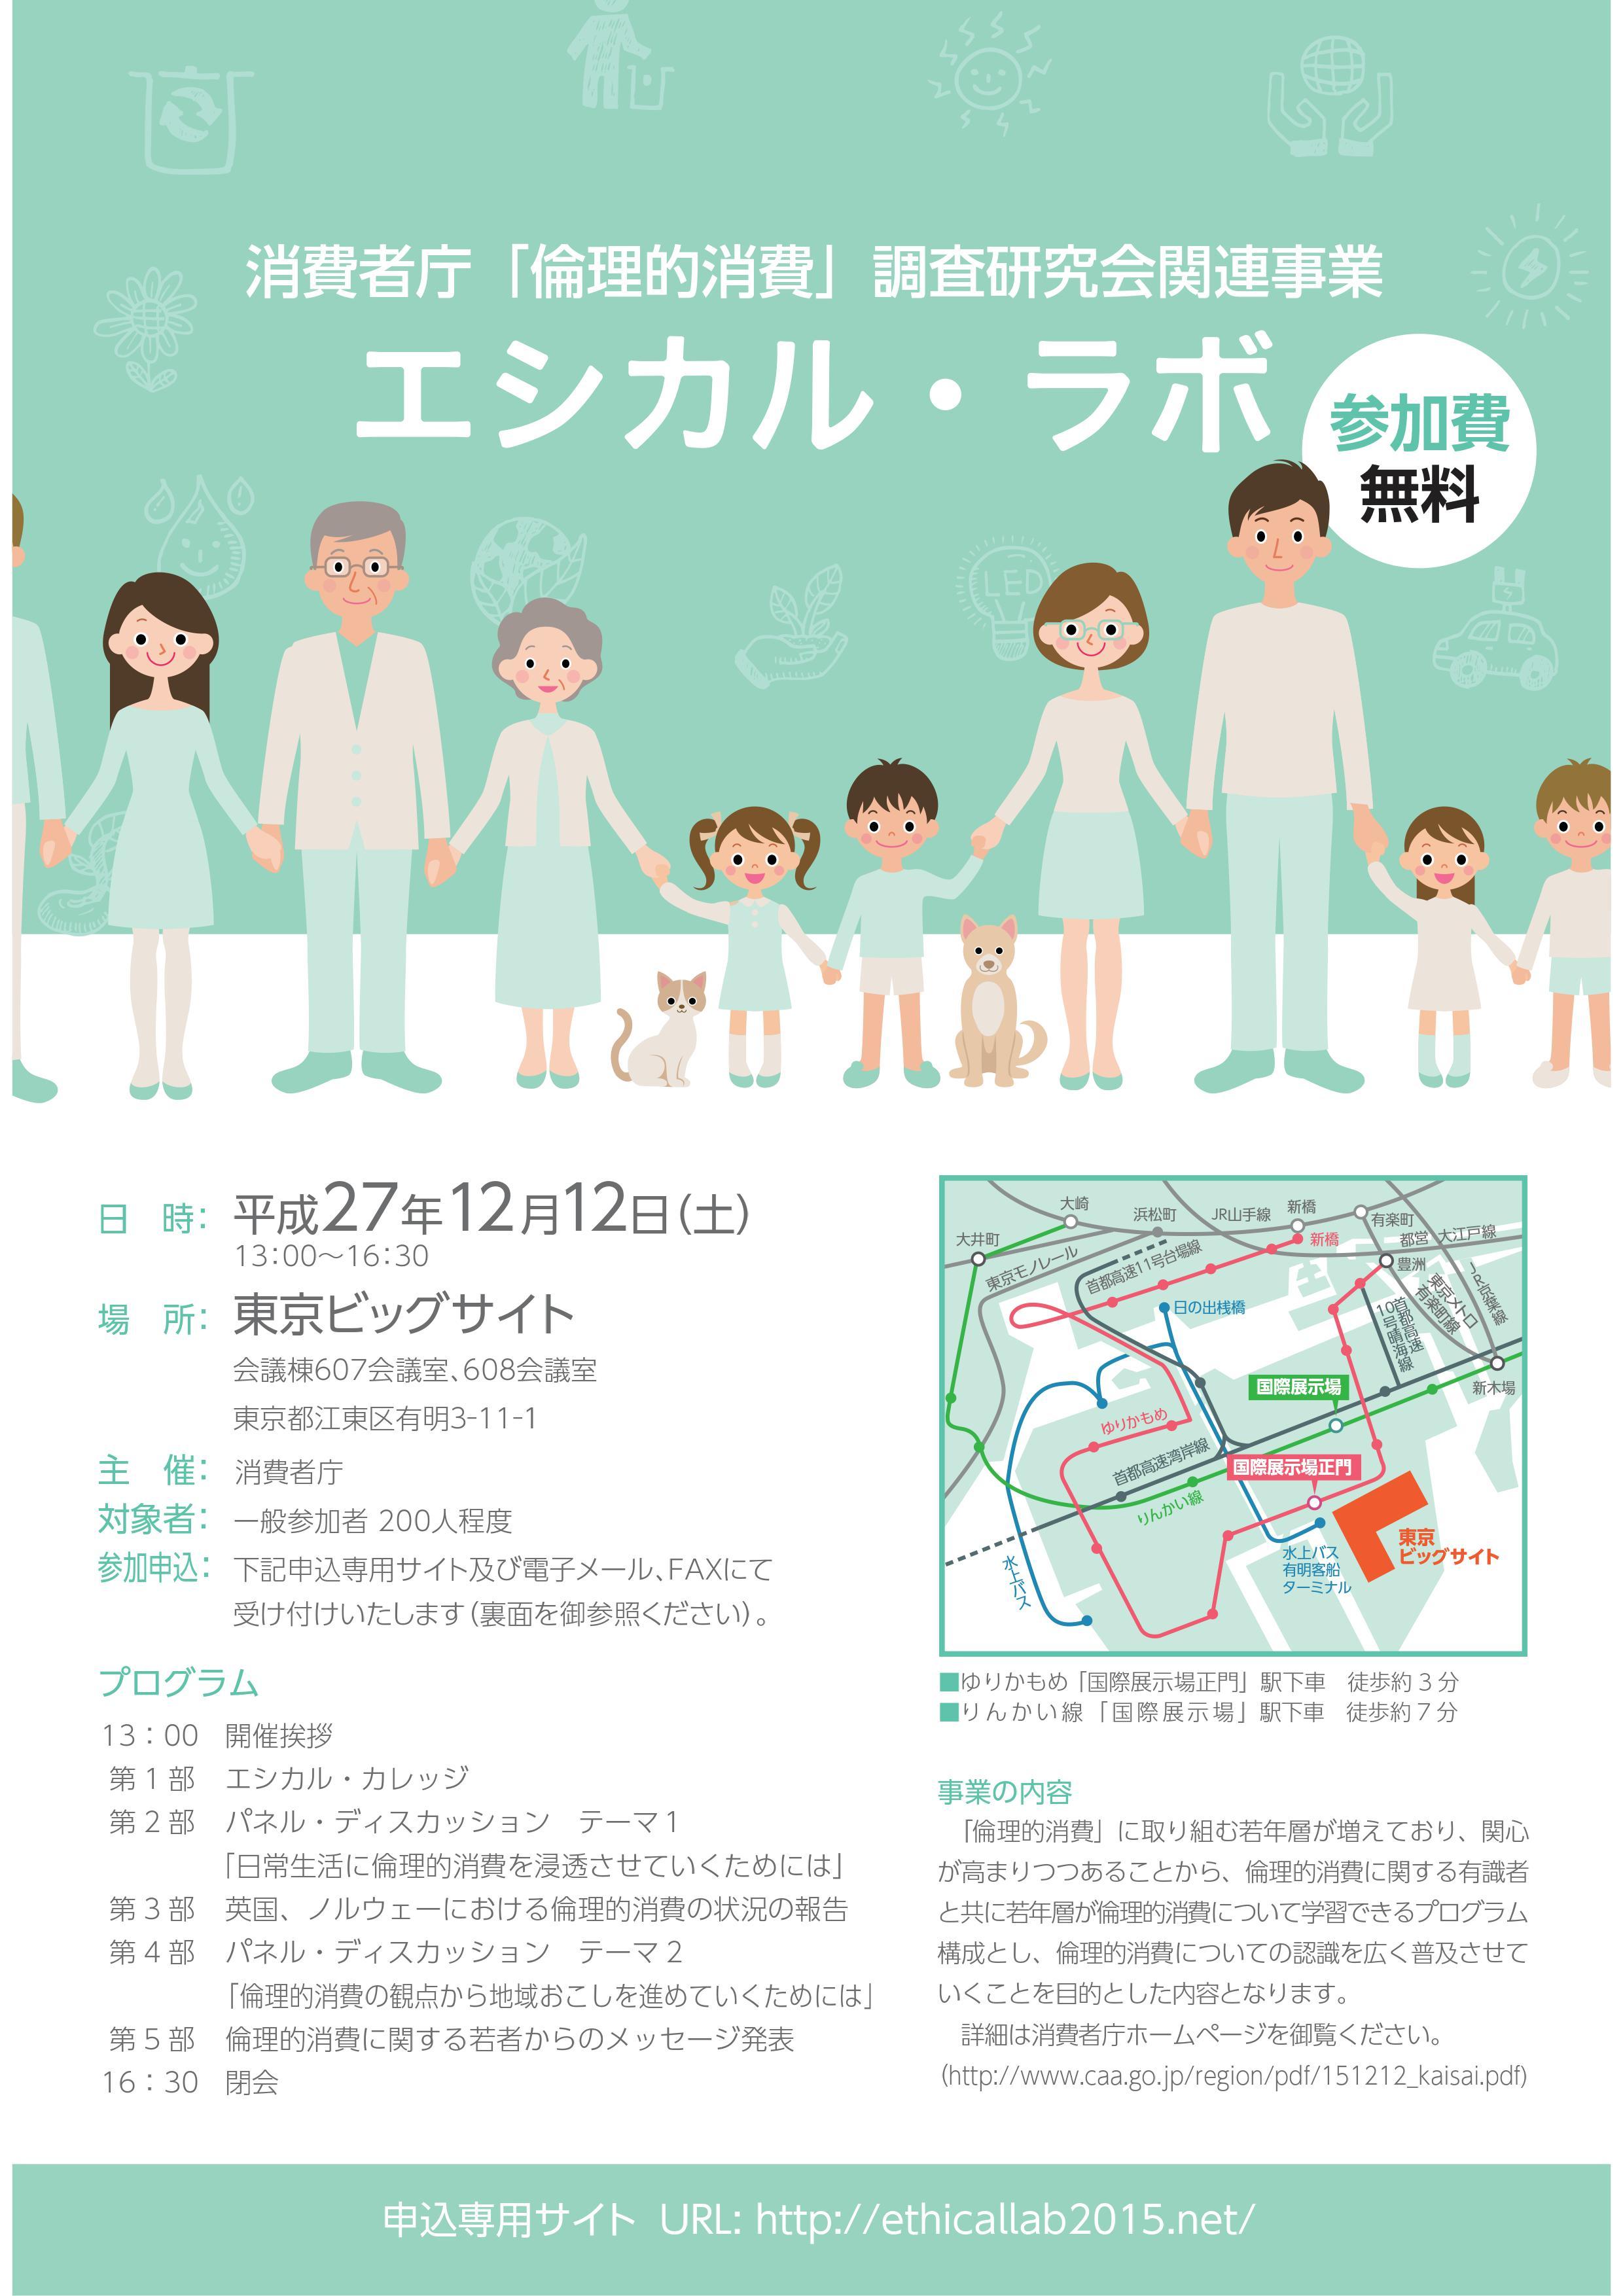 若年層の認知向上を目指す~12日に東京ビッグサイトで「エシカル・ラボ」開催